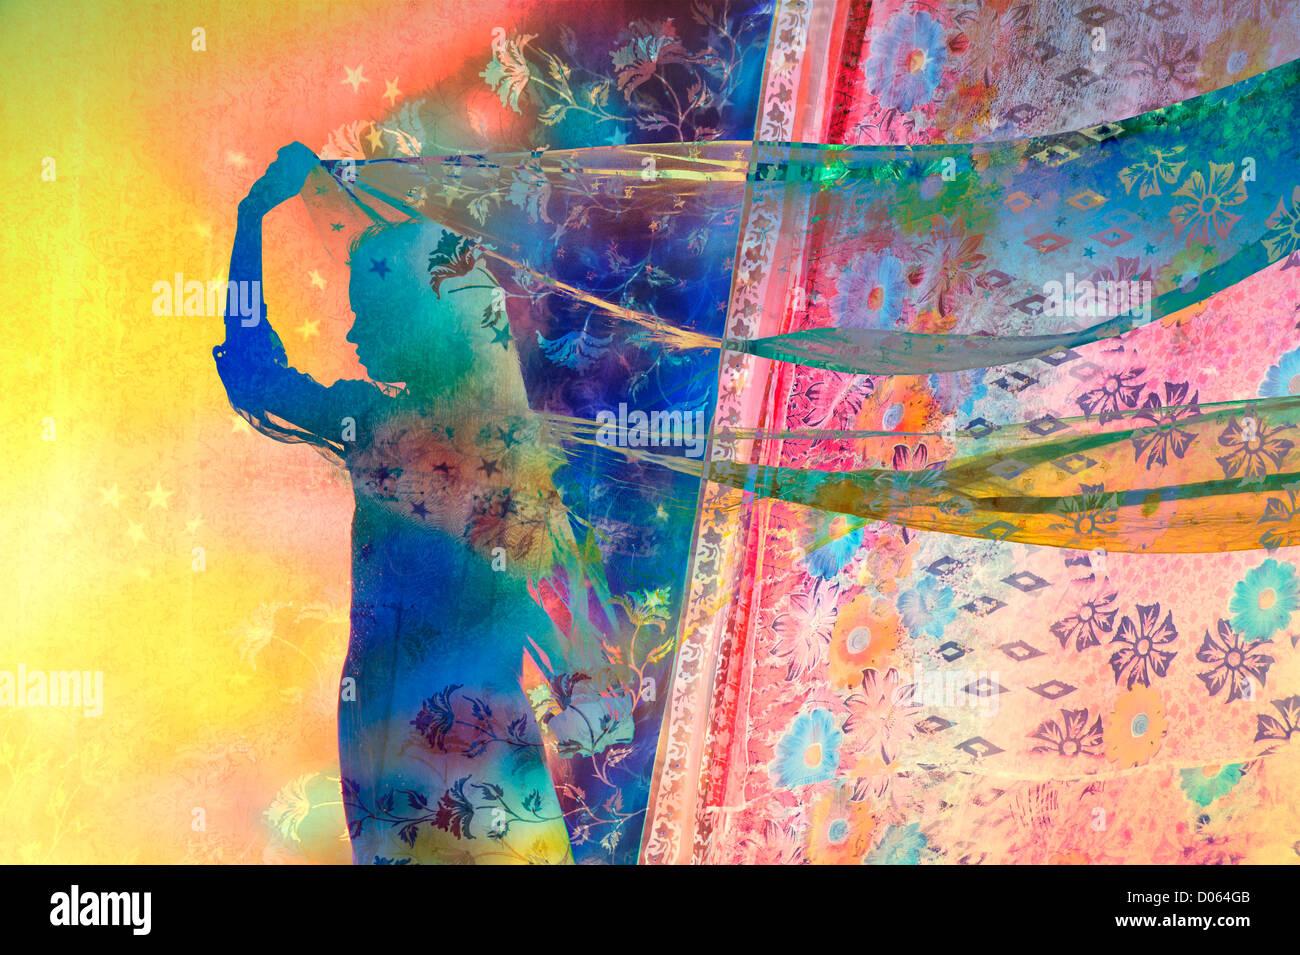 Indian girl with star et à motifs floraux voiles dans le vent. Silhouette. Montage coloré Photo Stock